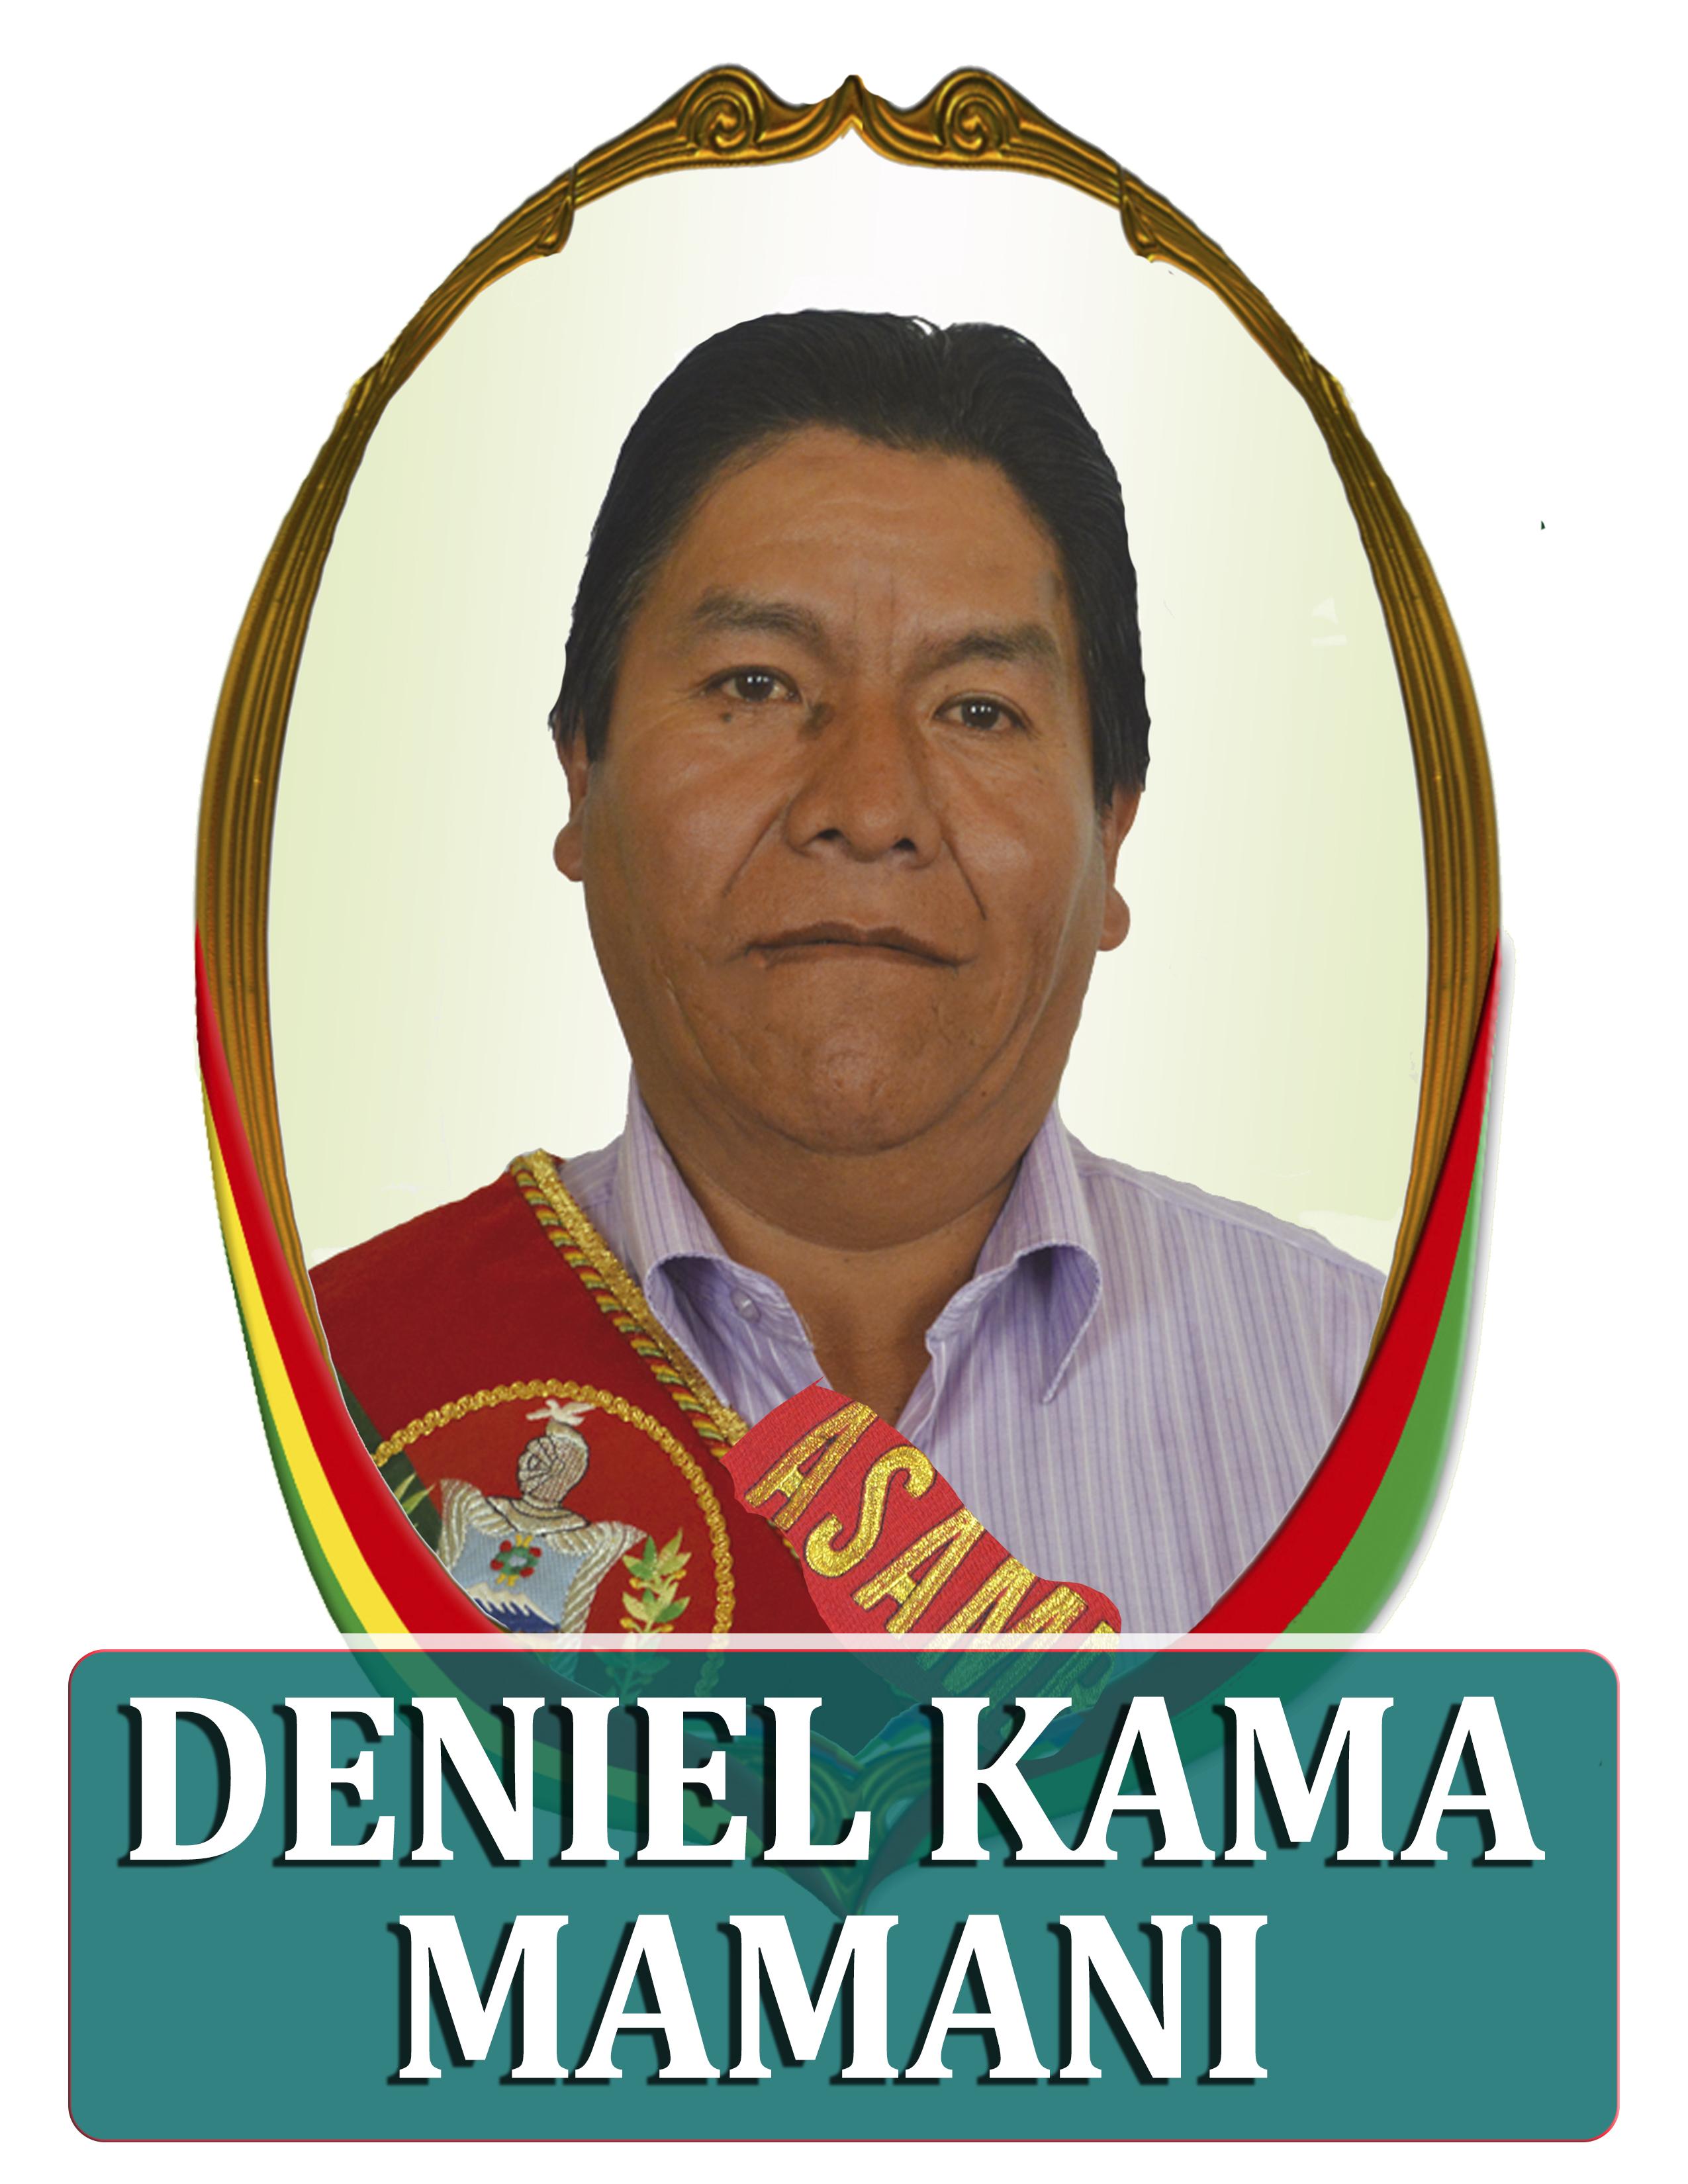 DANIEL KAMA MAMANI